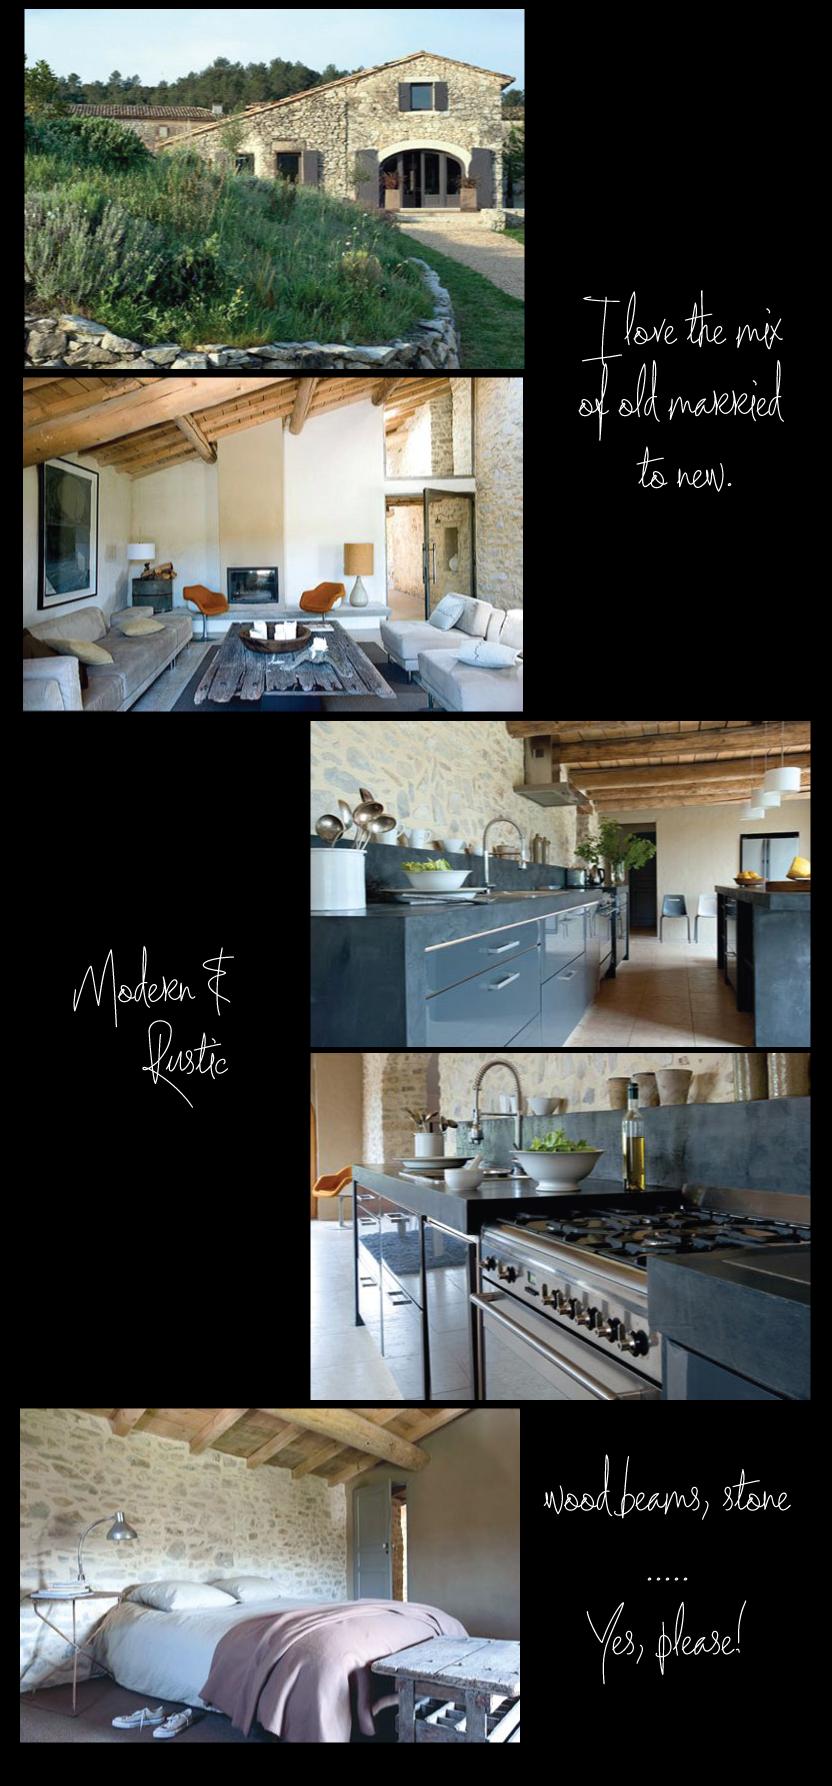 Go far far away abcd design nyc lifestyle blog interior design